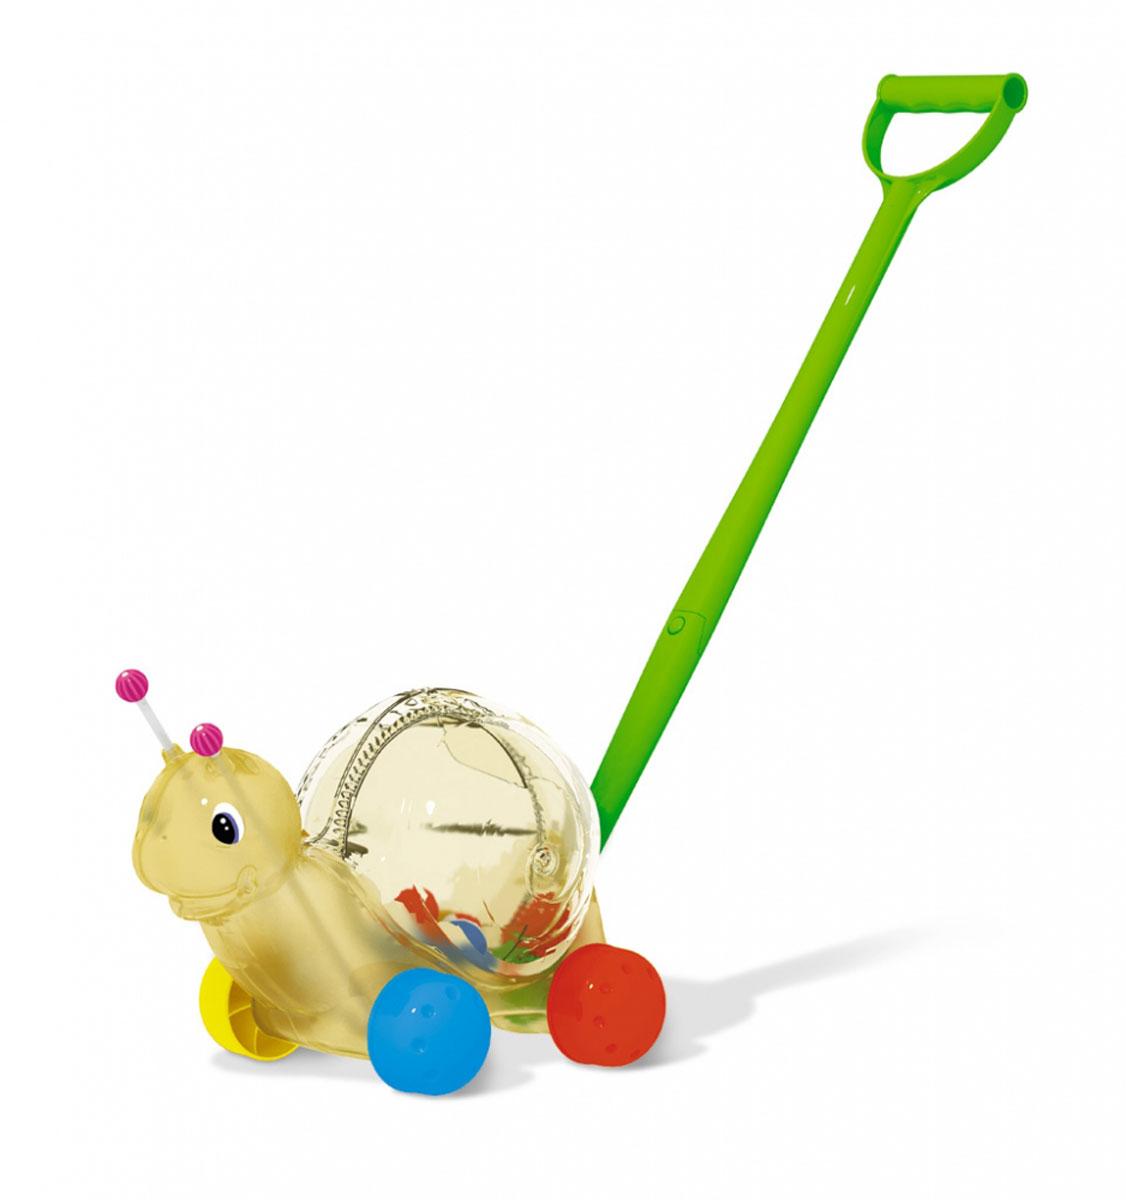 Stellar Игрушка-каталка Улитка01359Яркая игрушка-каталка Stellar Улитка непременно понравится вашему малышу и подойдет для игры, как дома, так и на свежем воздухе. Игрушка выполнена из прочного пластика в виде симпатичной улитки на колесиках. Улитка порадует малыша своим веселым видом и шариками внутри игрушки, которые будут весело греметь при передвижении. Игрушка-каталка Stellar Улитка развивает пространственное мышление, цветовое восприятие, тактильные ощущения, ловкость и координацию движений.